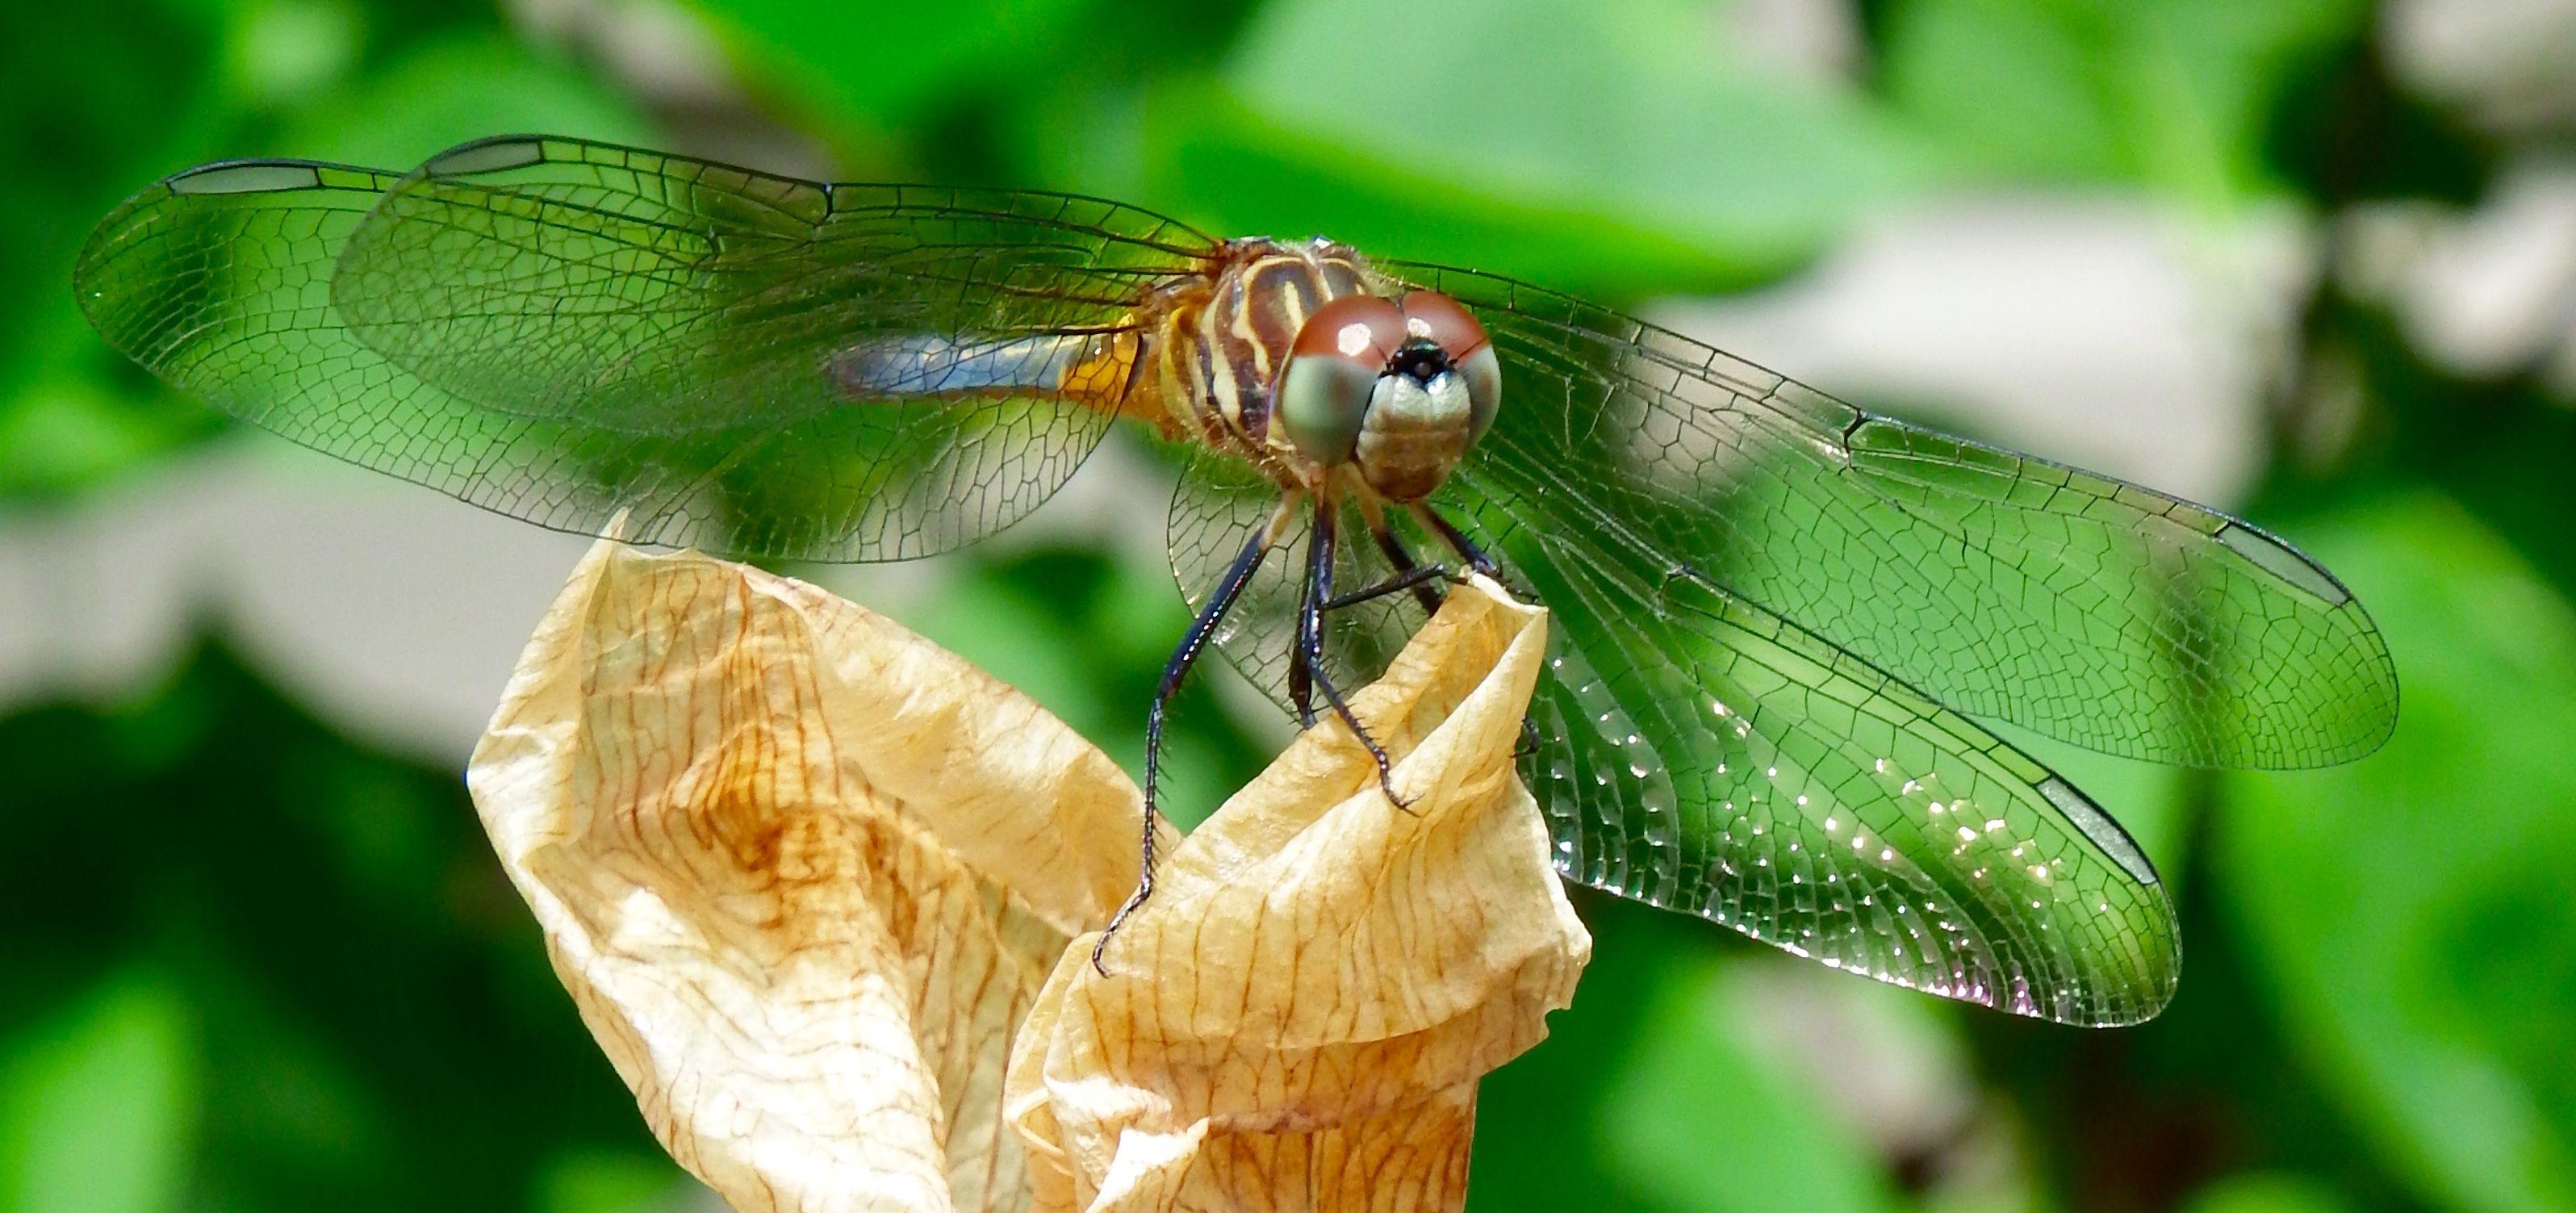 Dragonfly in my fairy garden